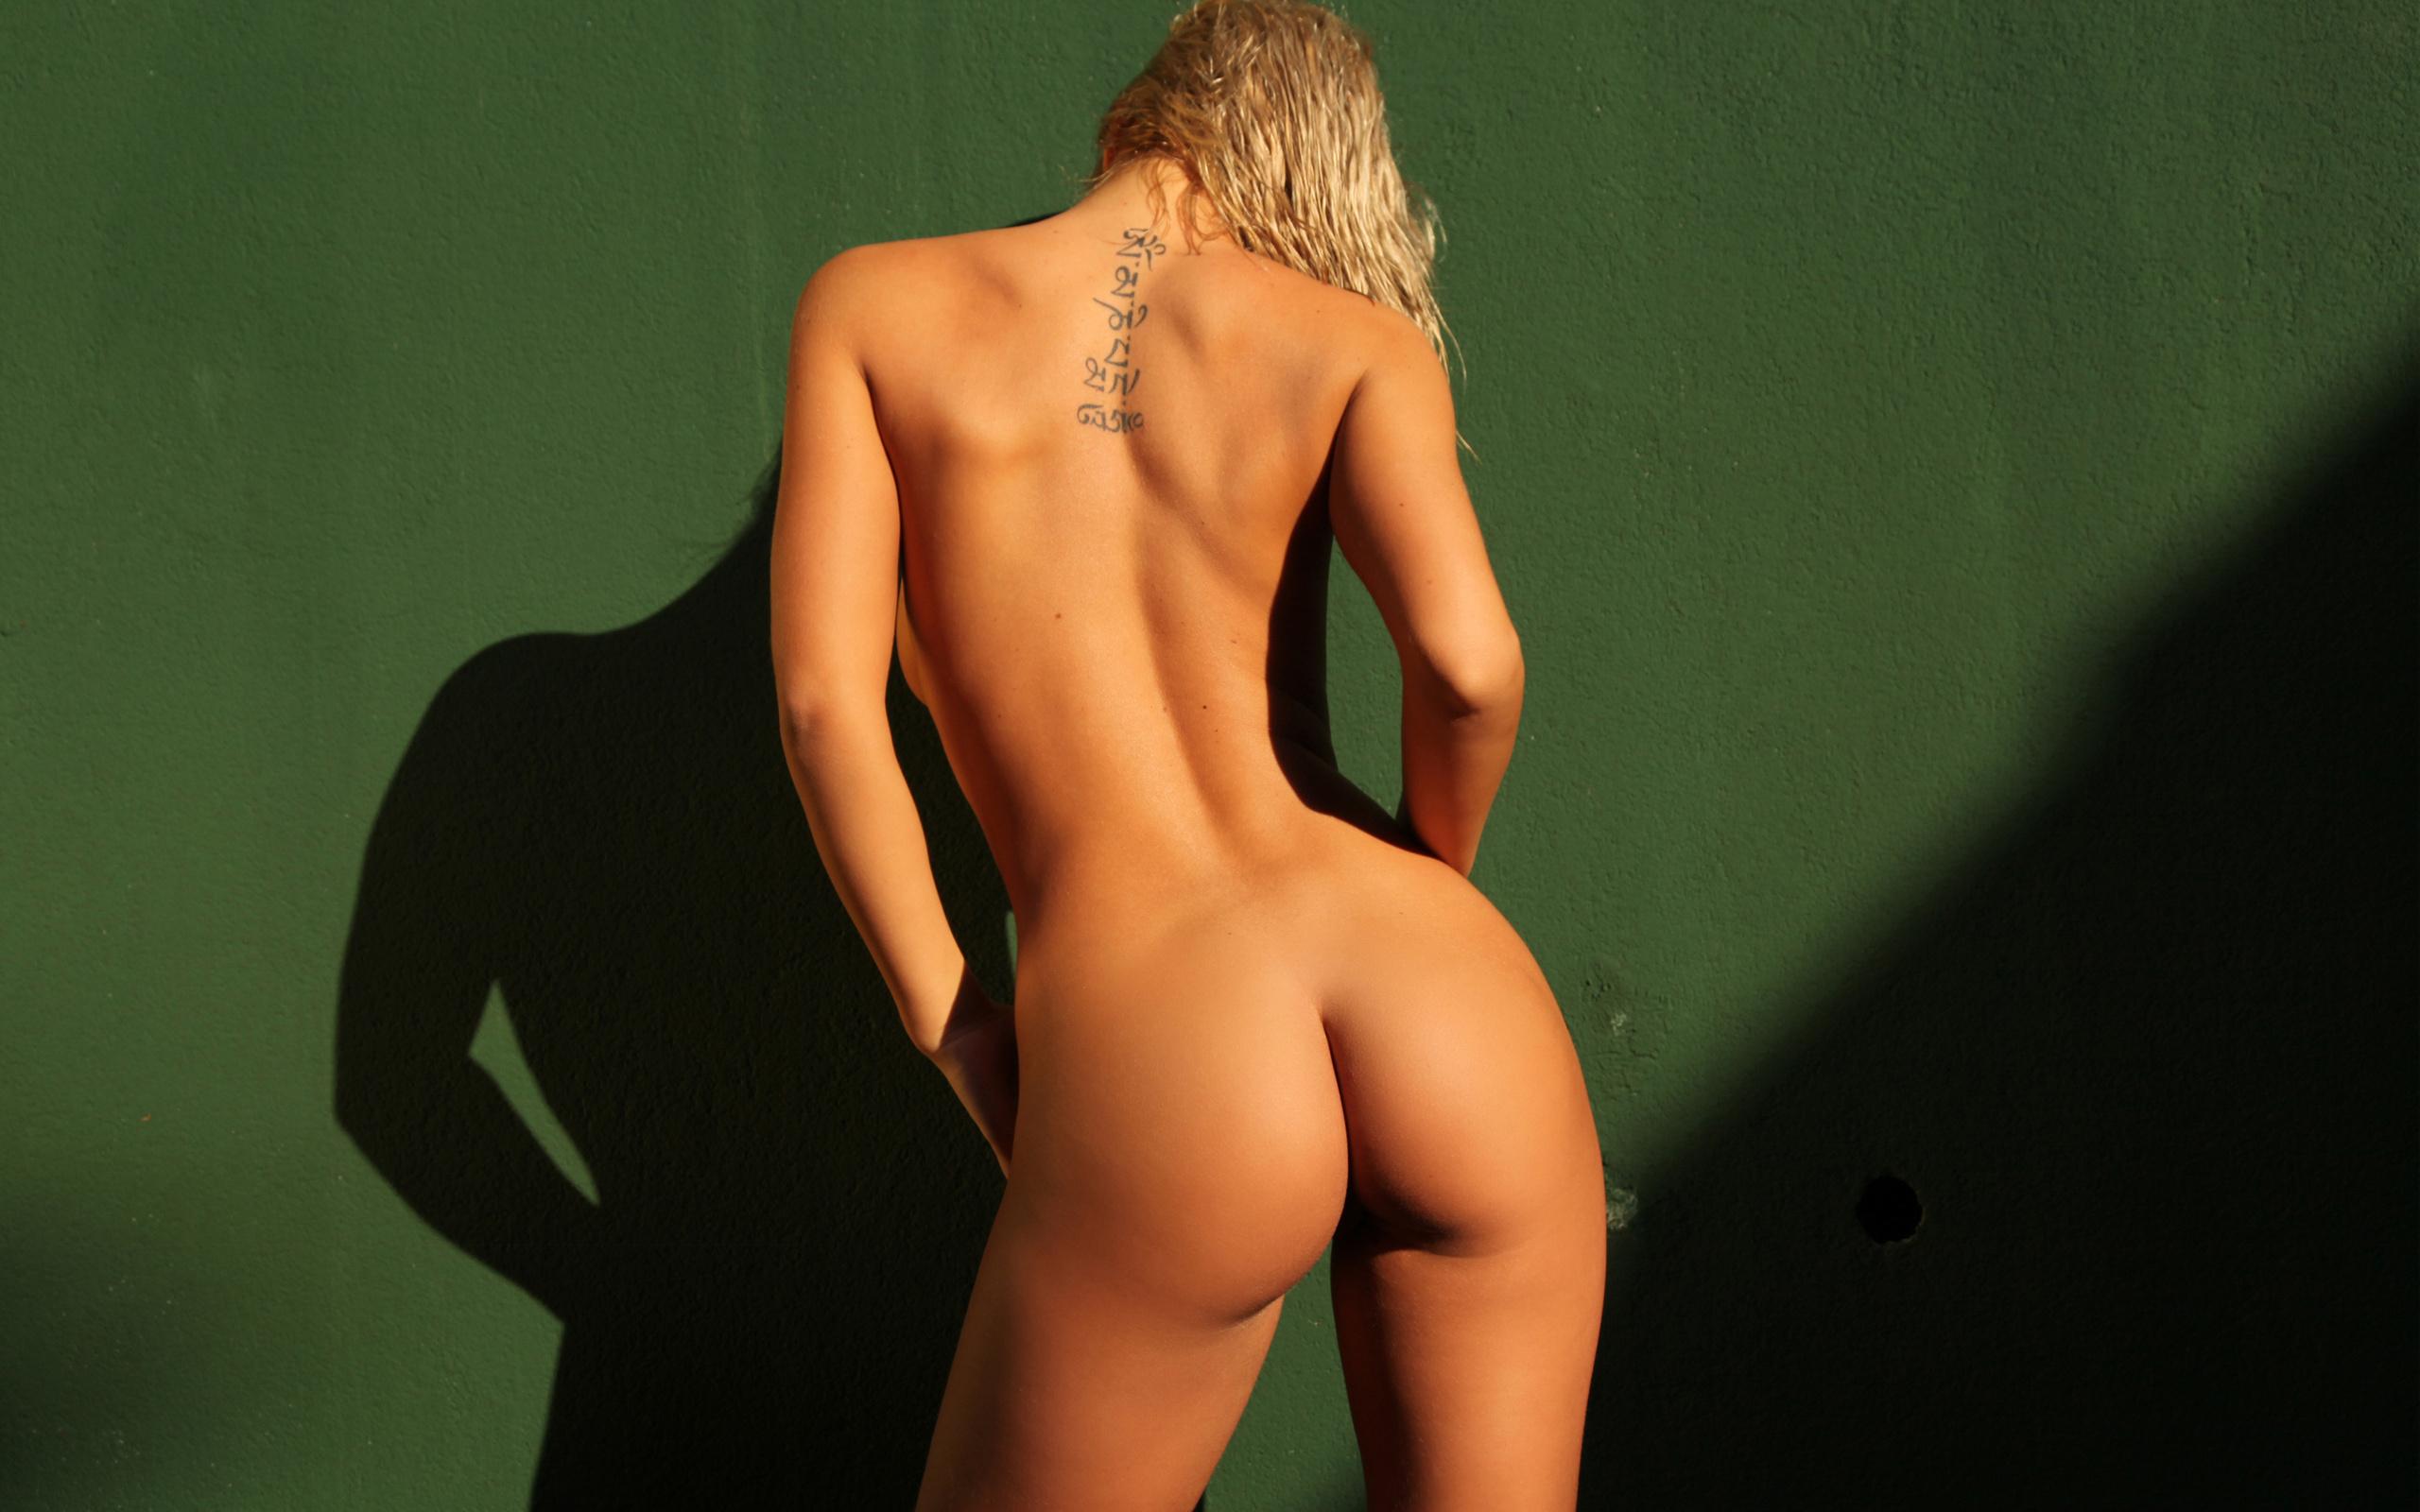 Смотреть красивые голые женские фигуры, Очень красивые фигуры голых женщин 28 фотография